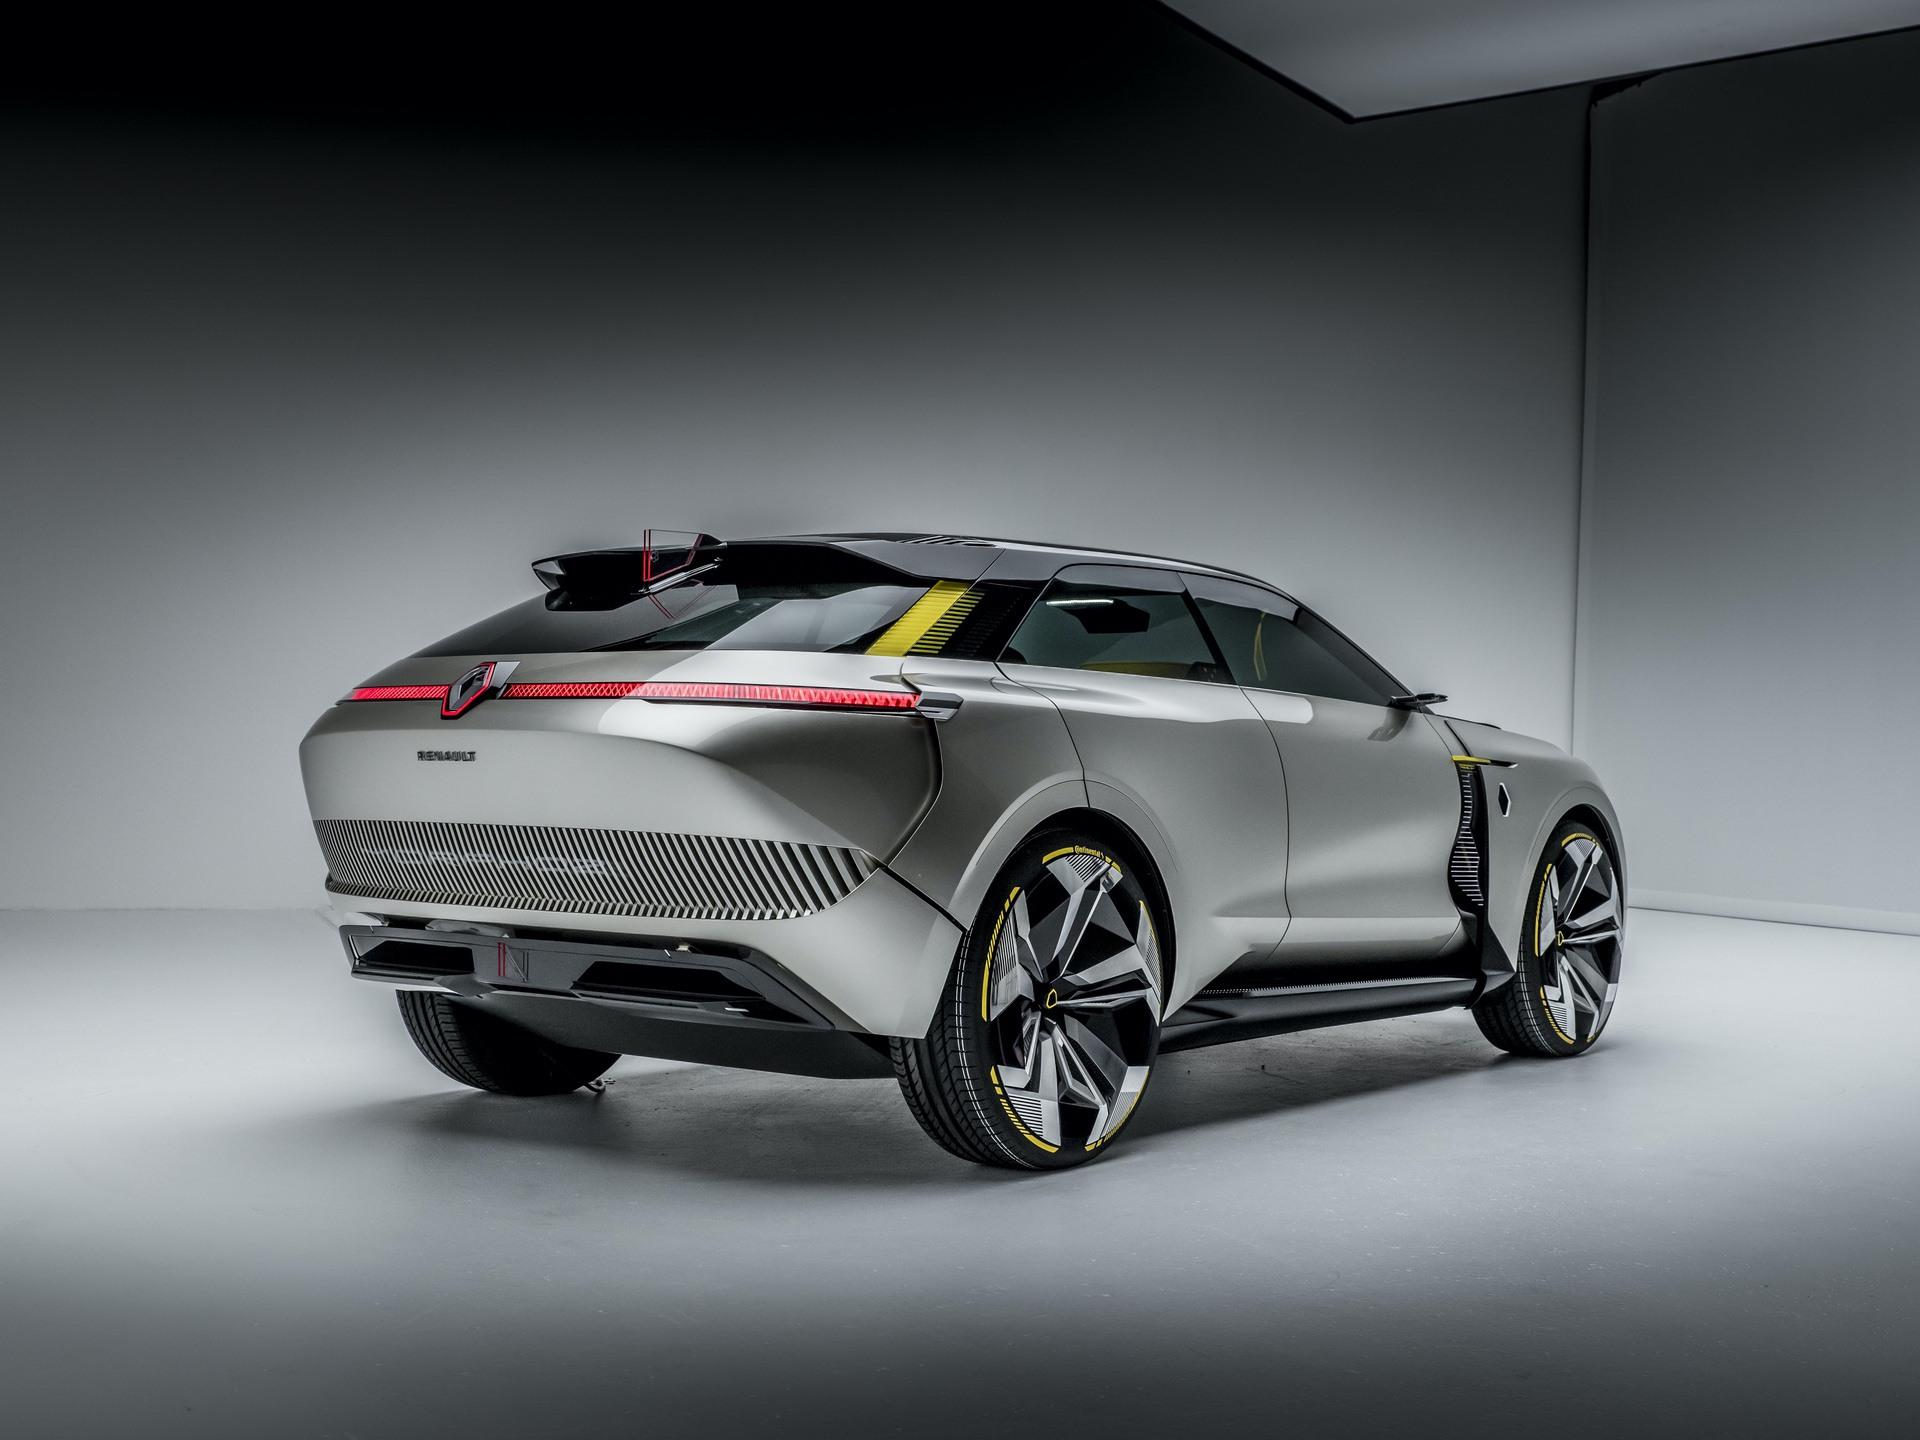 Renault_Morphoz_concept_0071